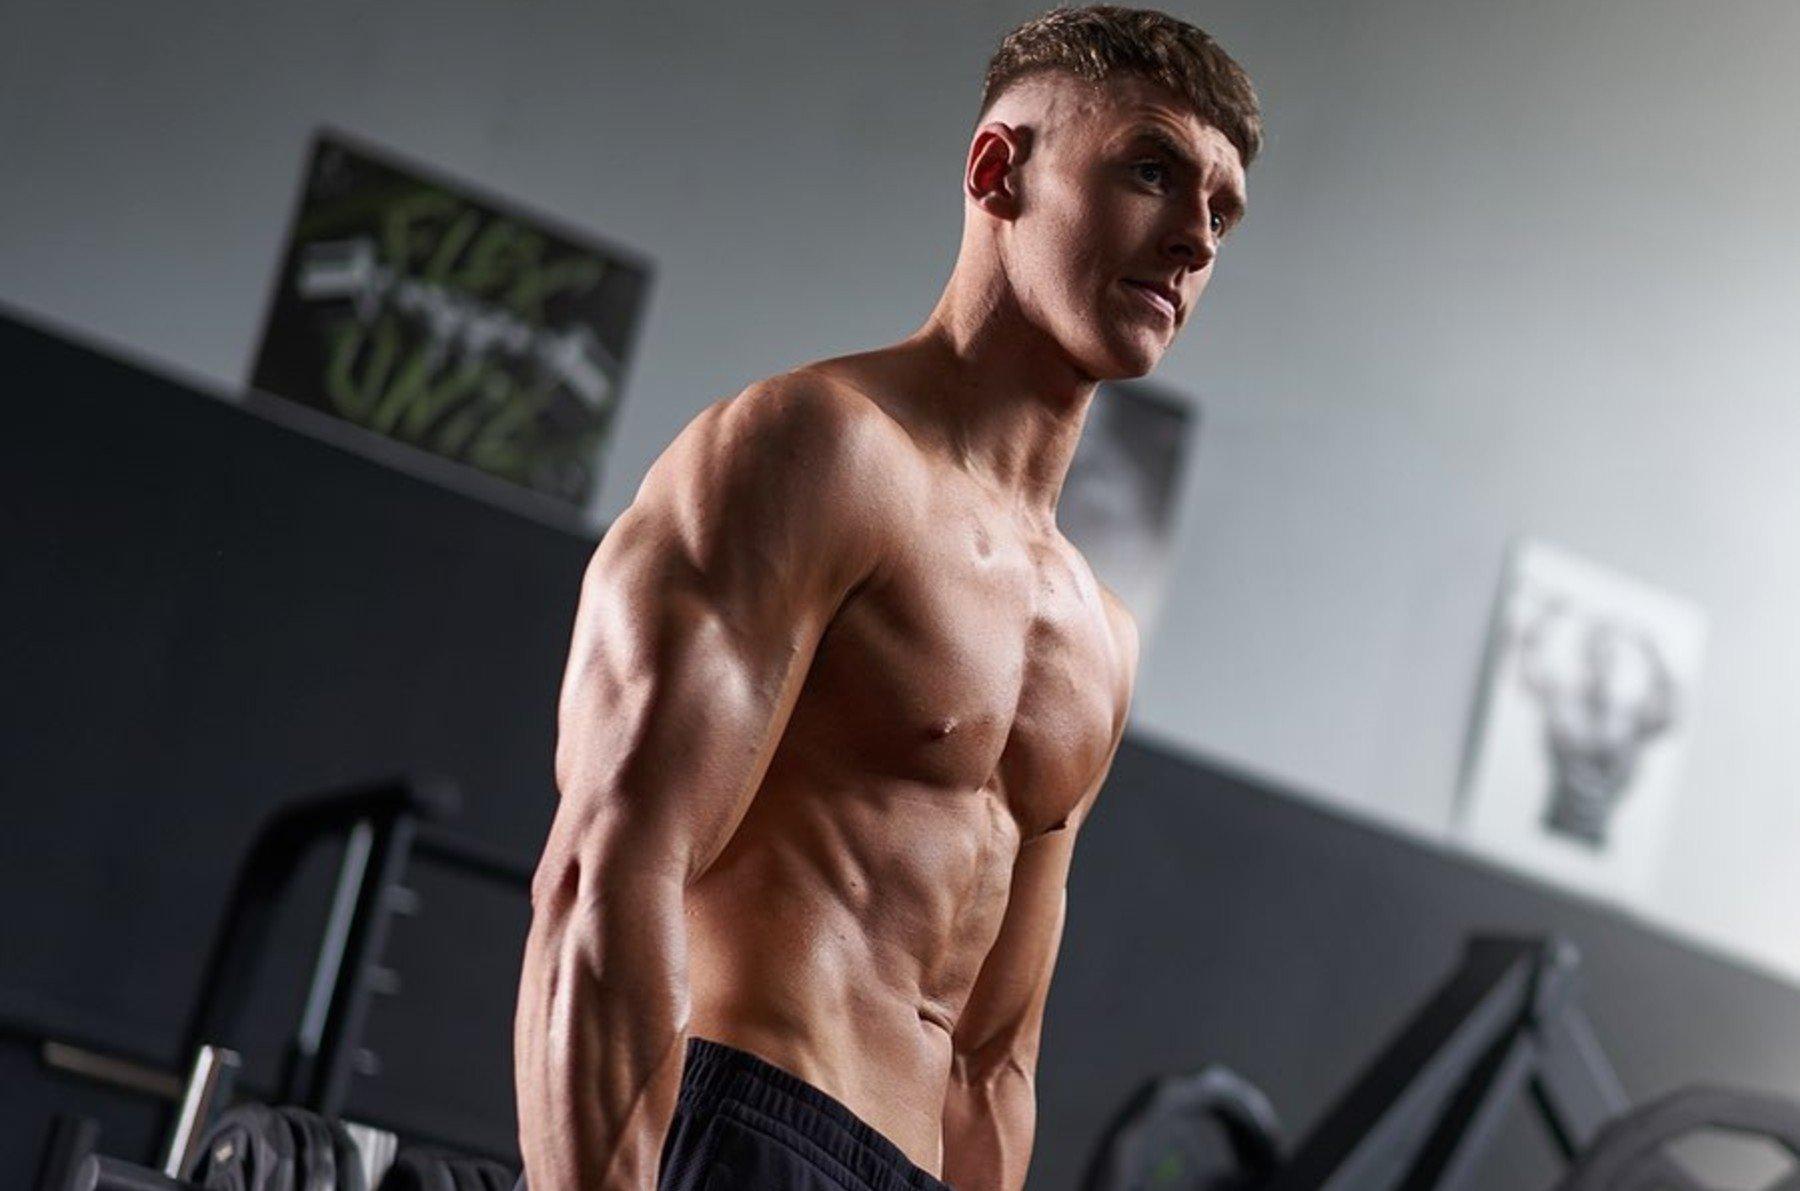 Trainiere die Brust wie ein Wettkampf-Bodybuilder | Brust & Trizeps Workout